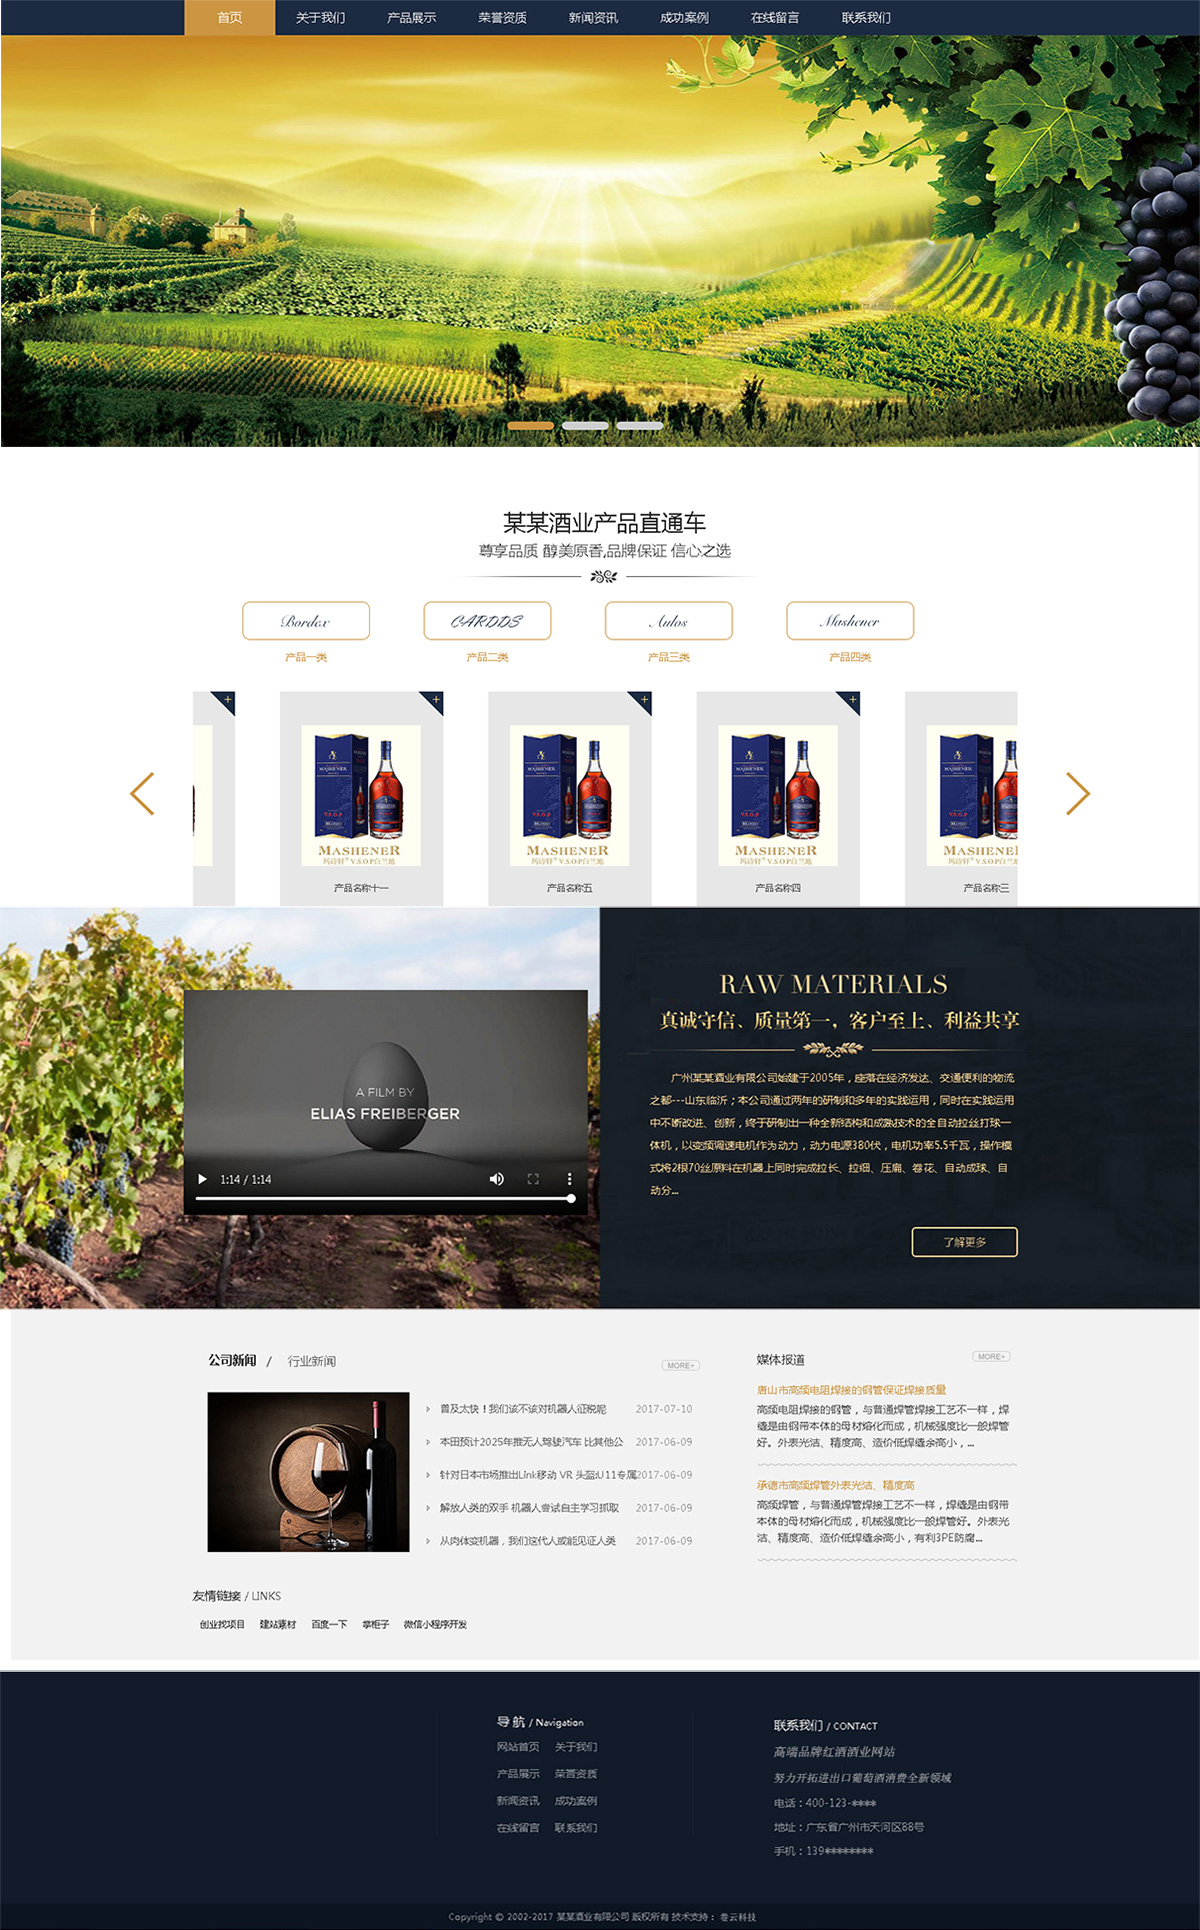 红酒网站建设案例